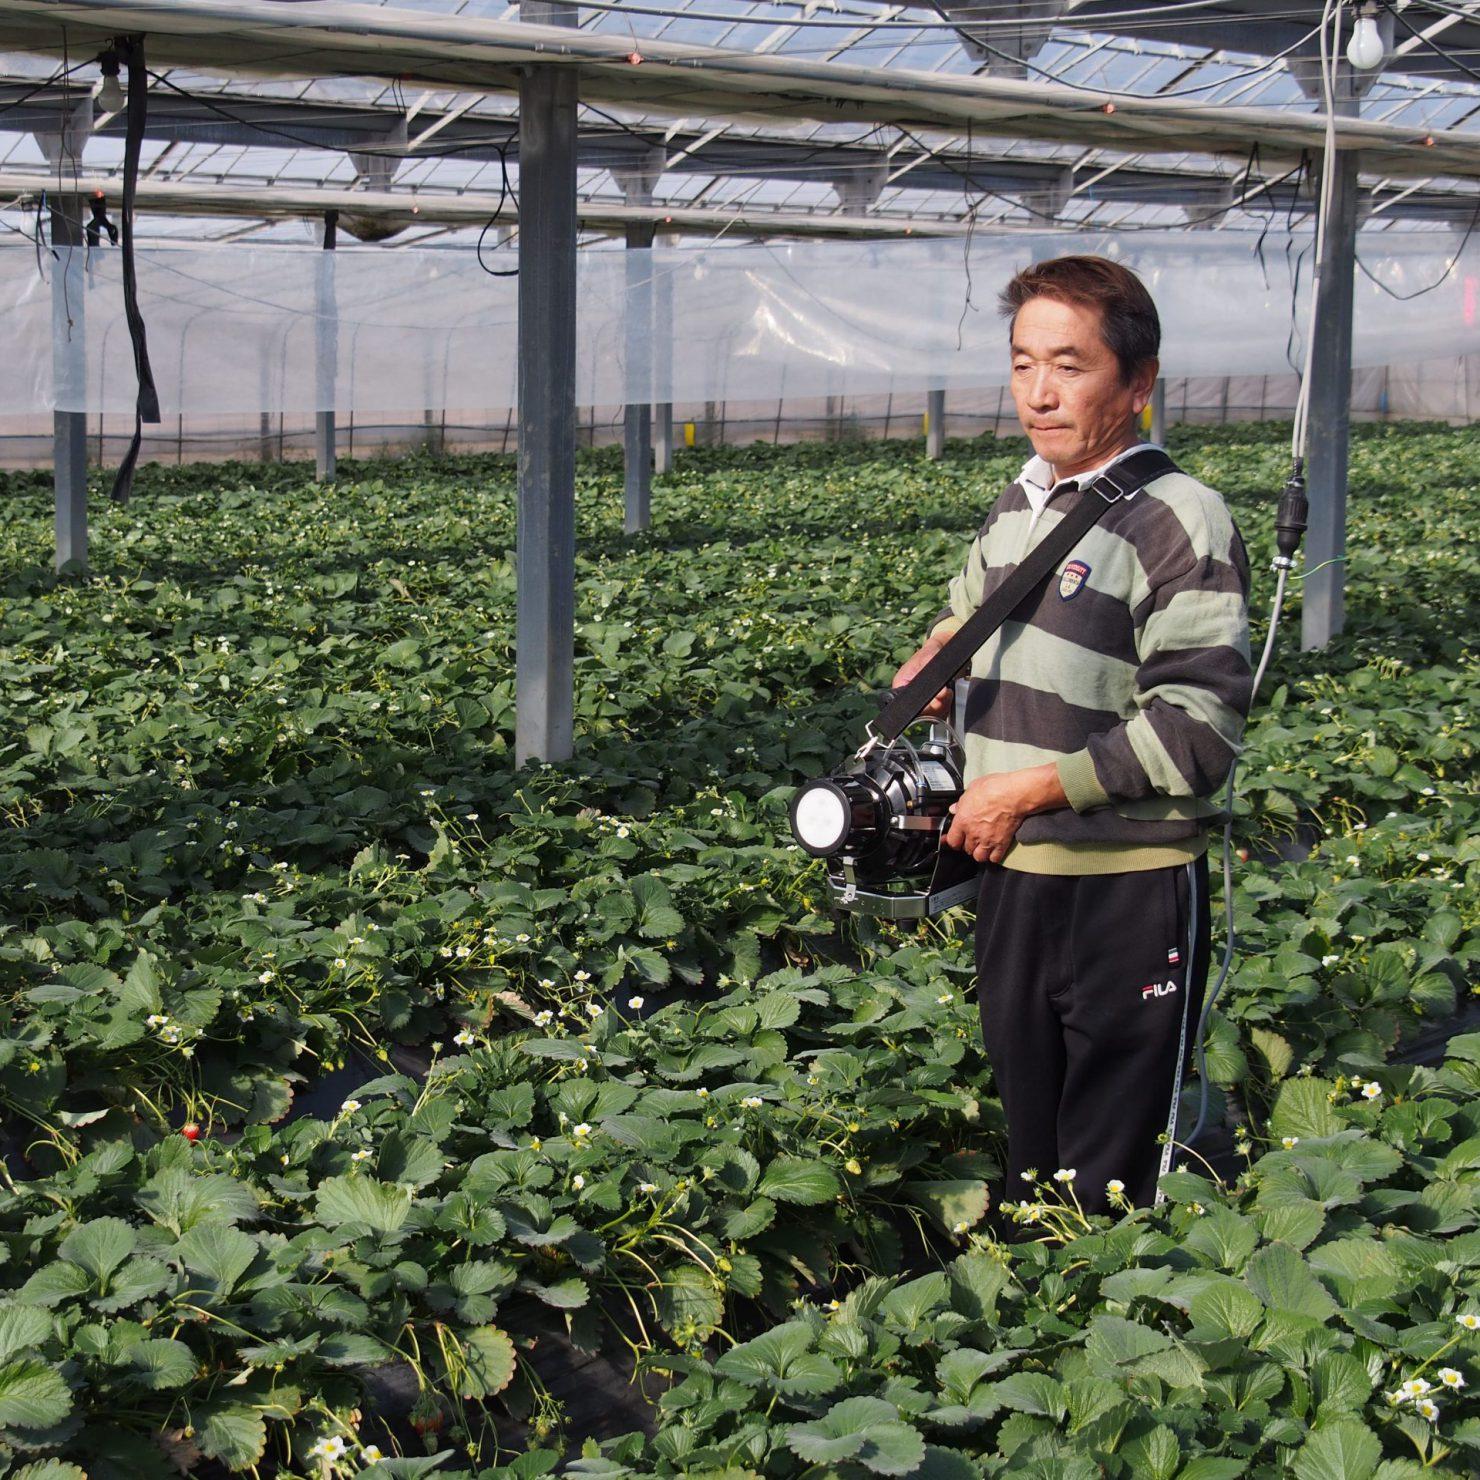 【栃木県いちご農家様】シーズン中に一度も動噴を使用せずに管理!モーターフォグの効果を実感